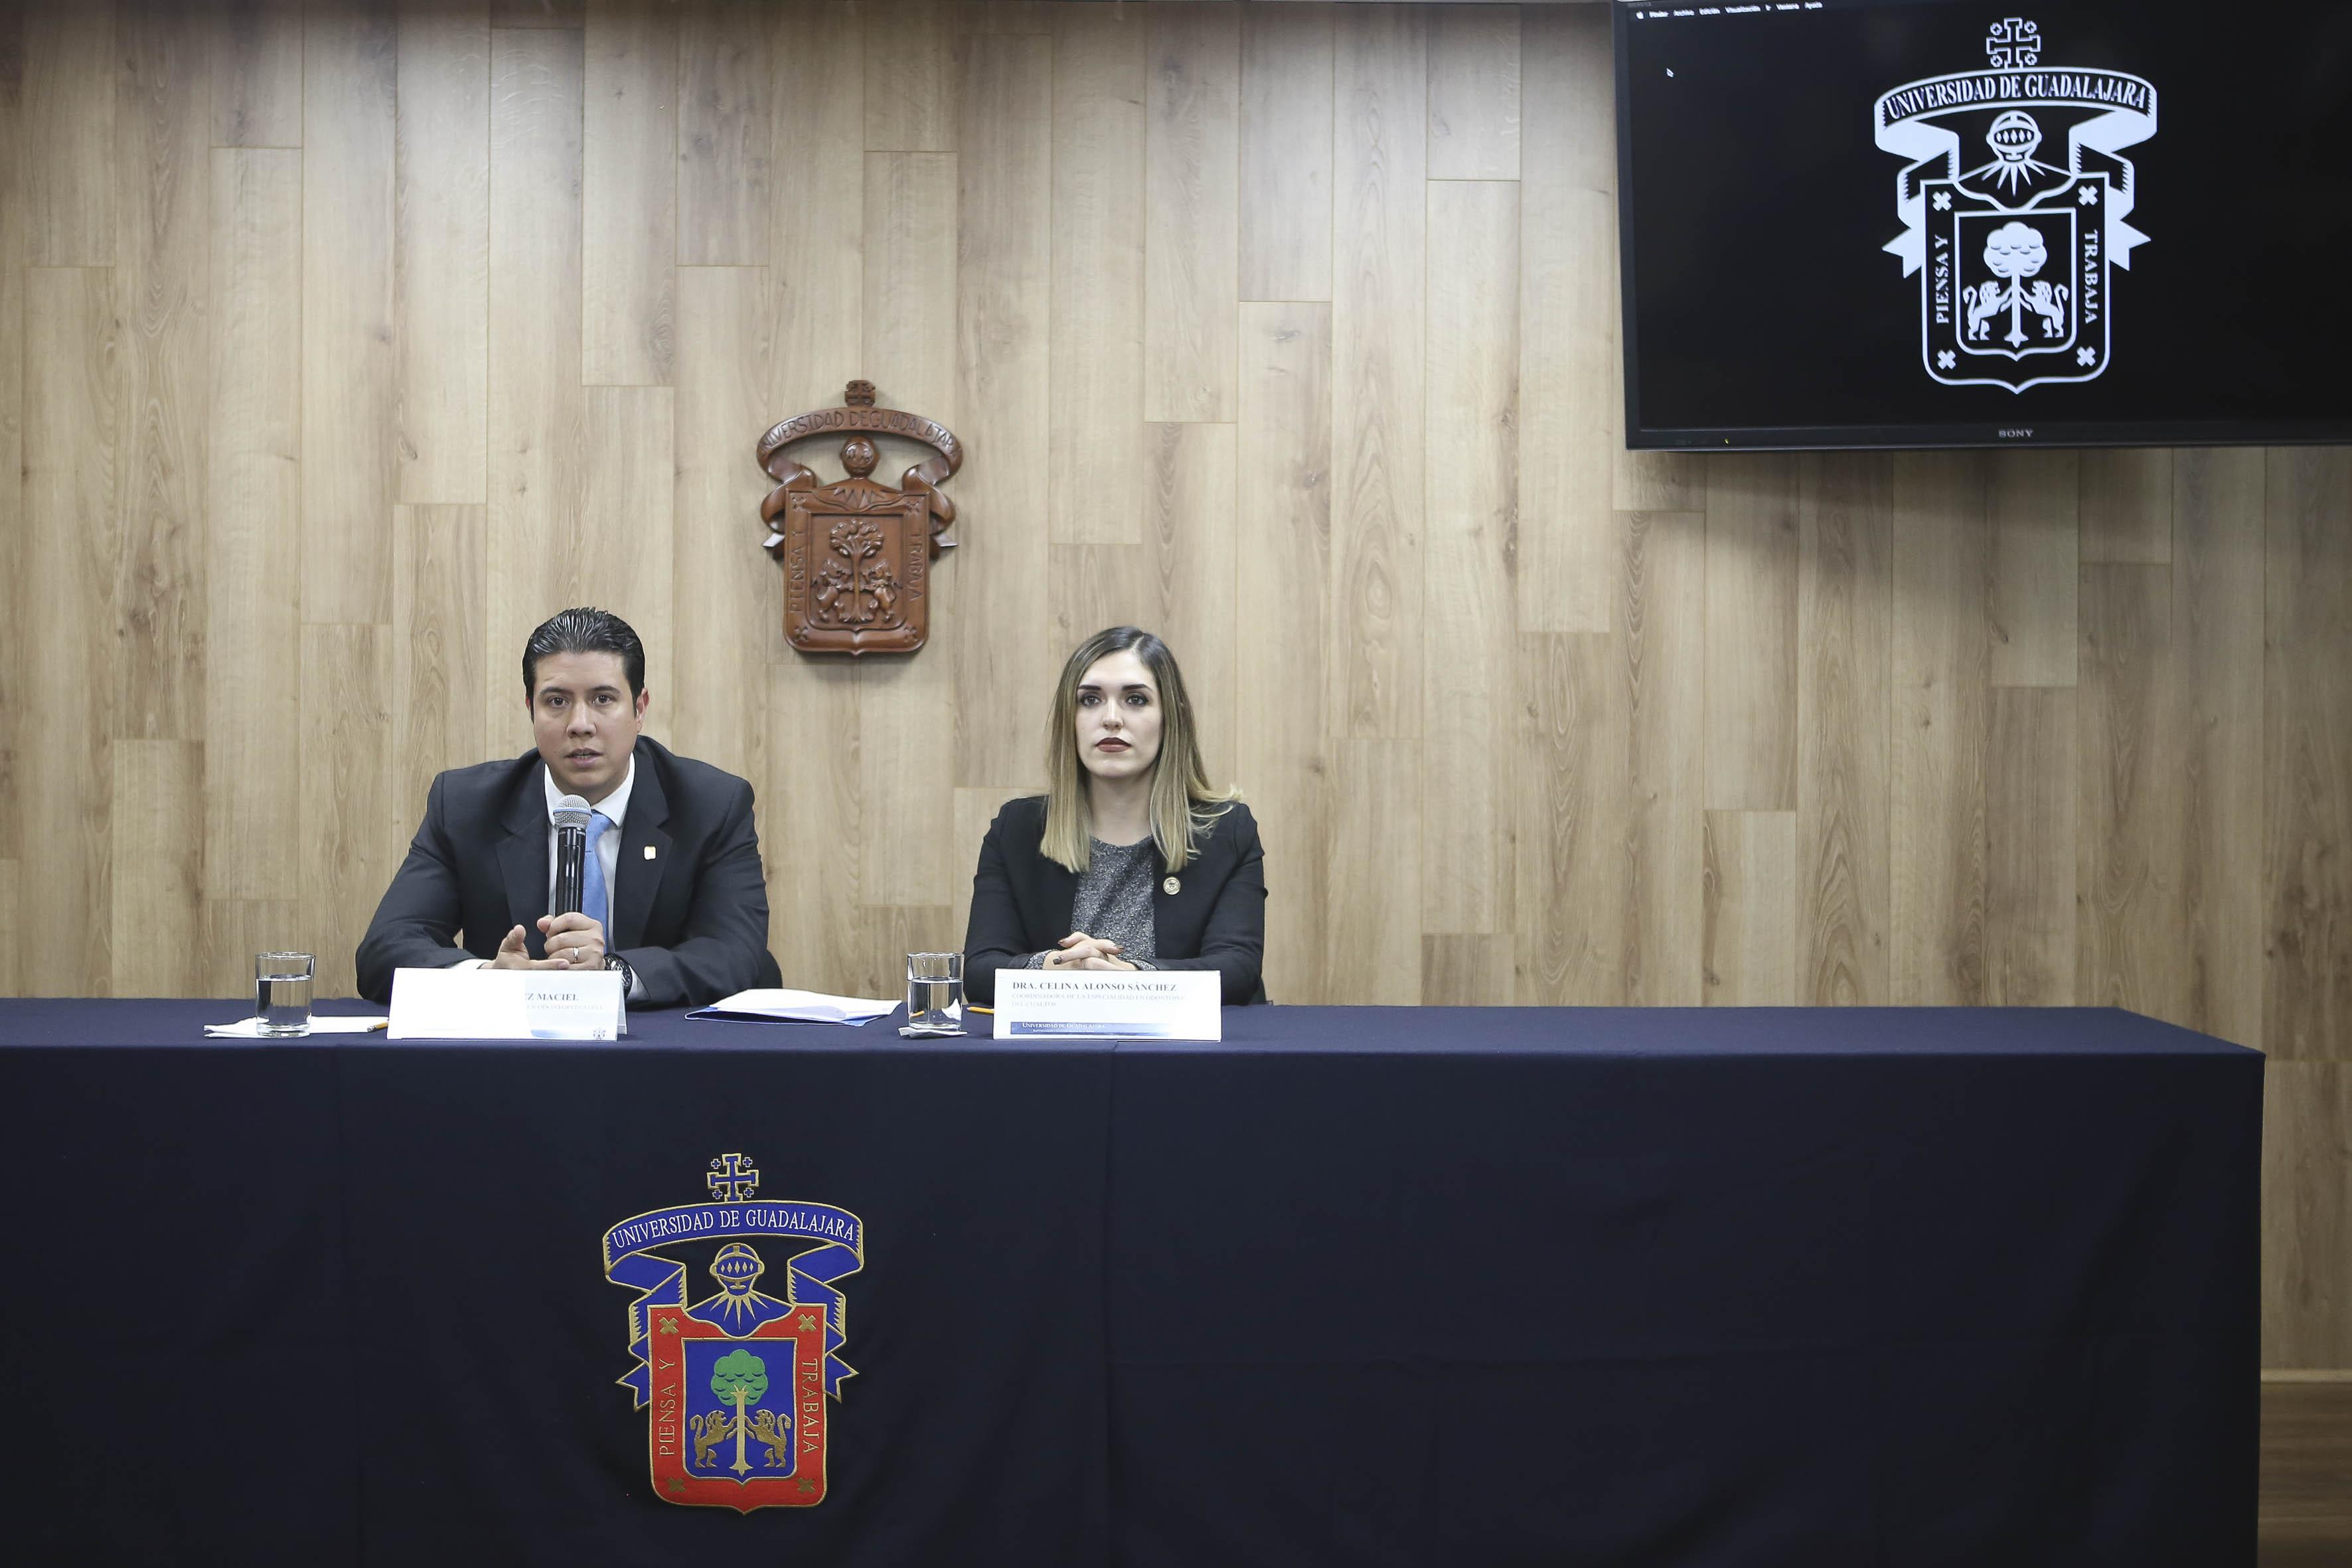 El doctor José María Chávez Maciel y la doctora Celina Alonso Sánchez